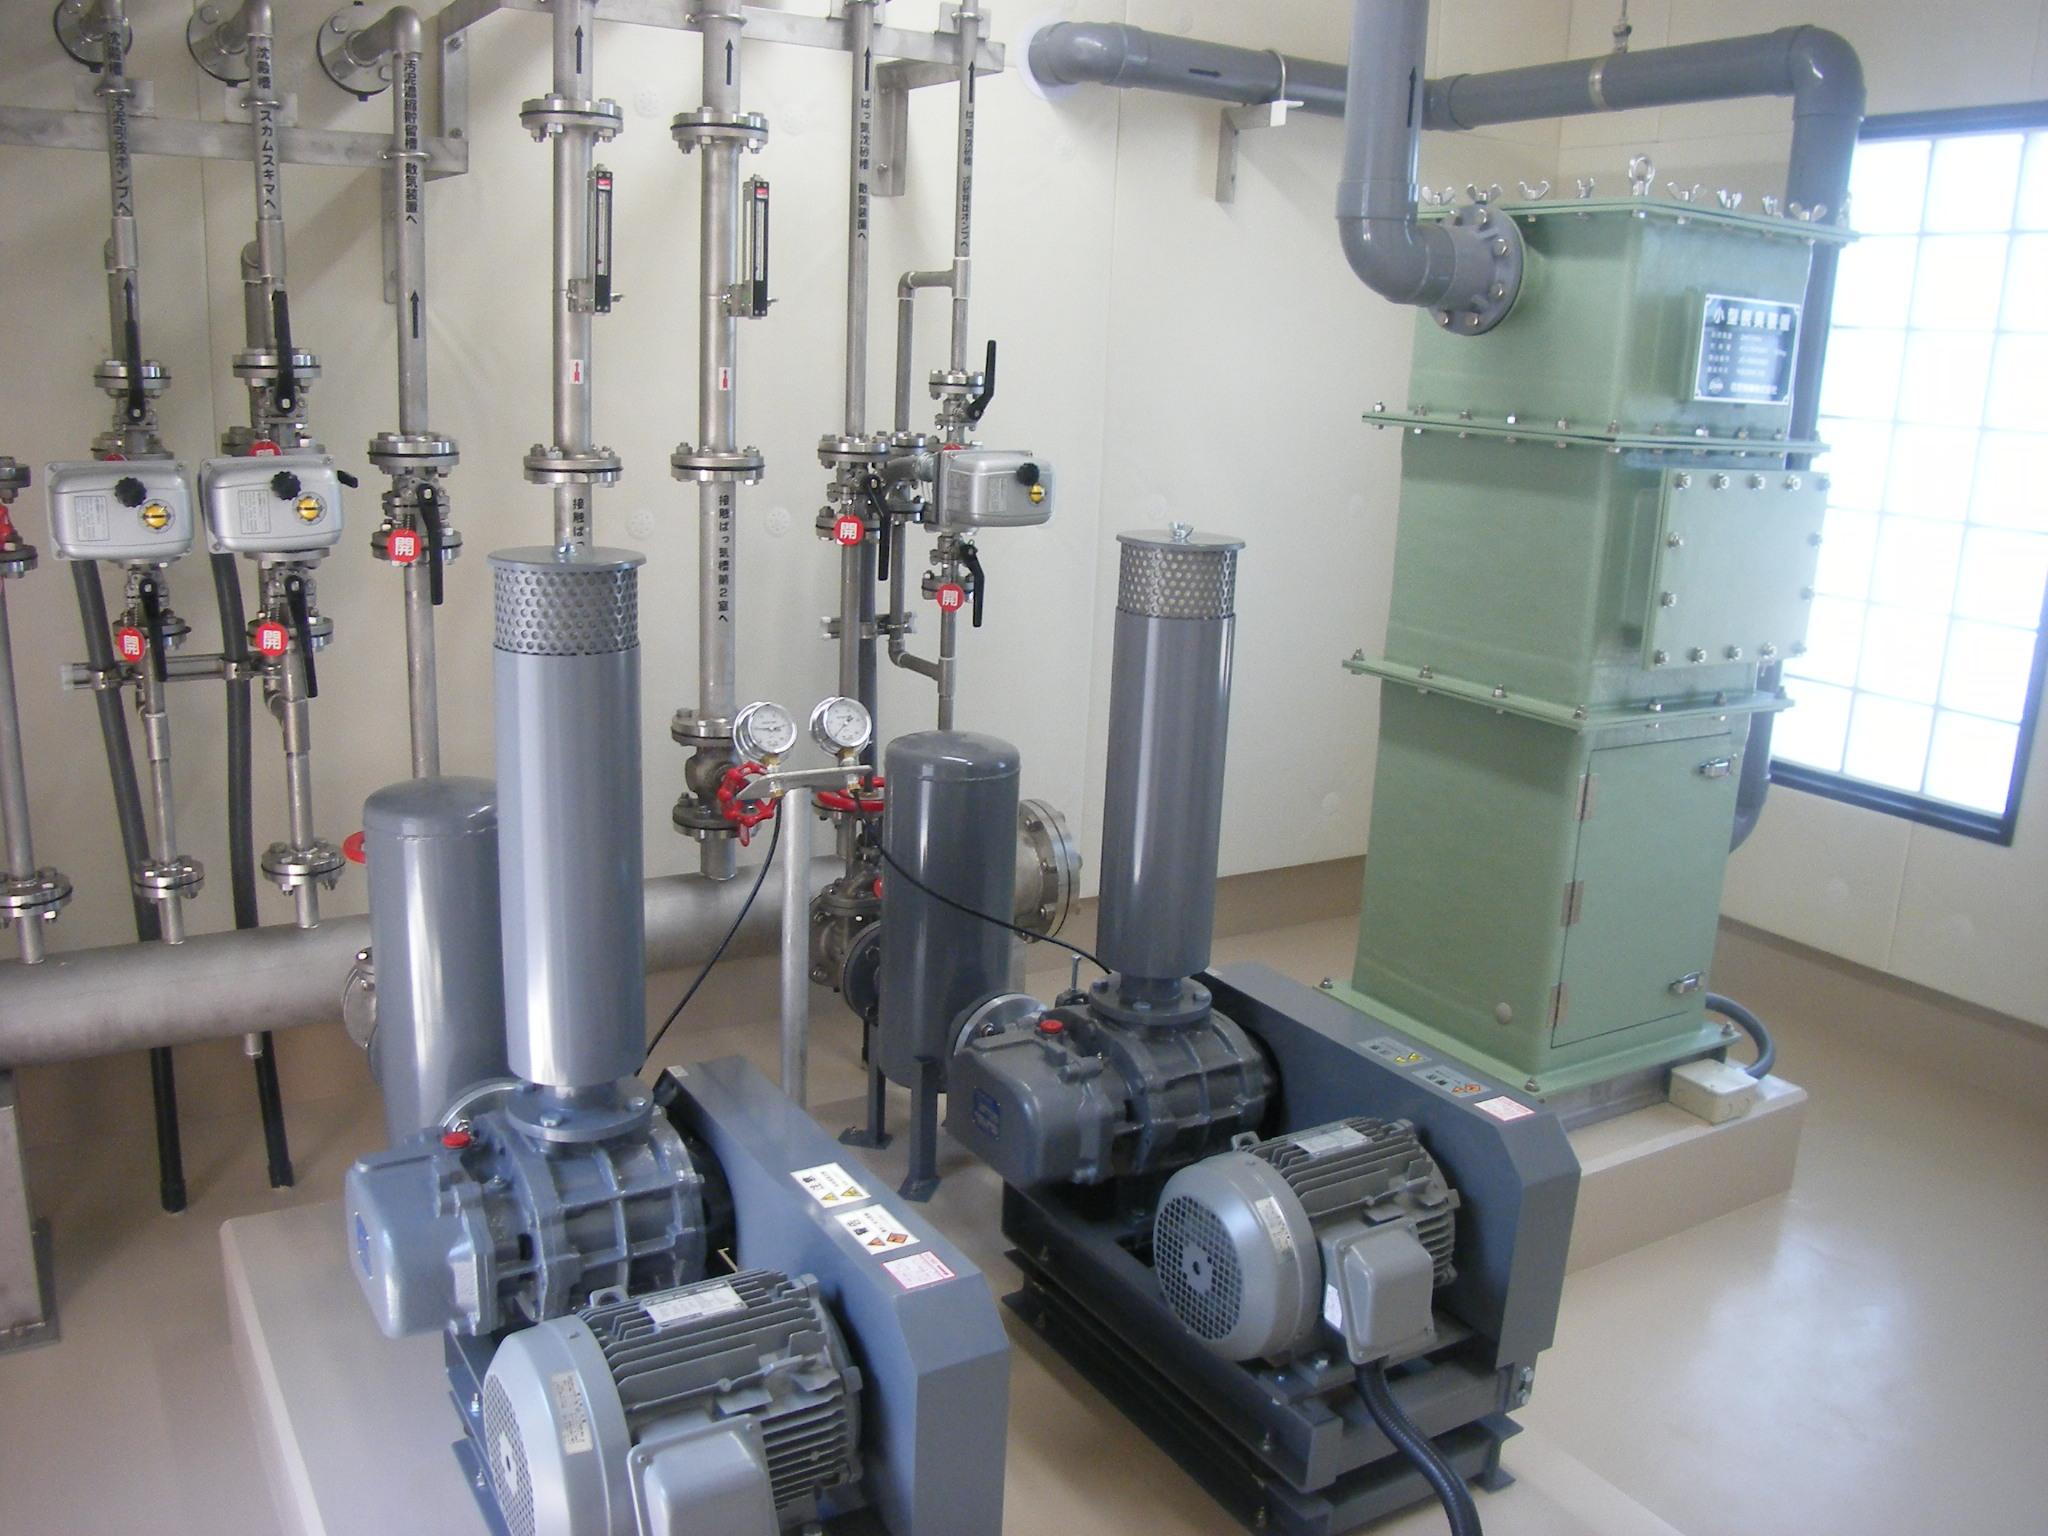 塩津地区漁業集落排水整備事業汚水処理施設建設工事(その2)